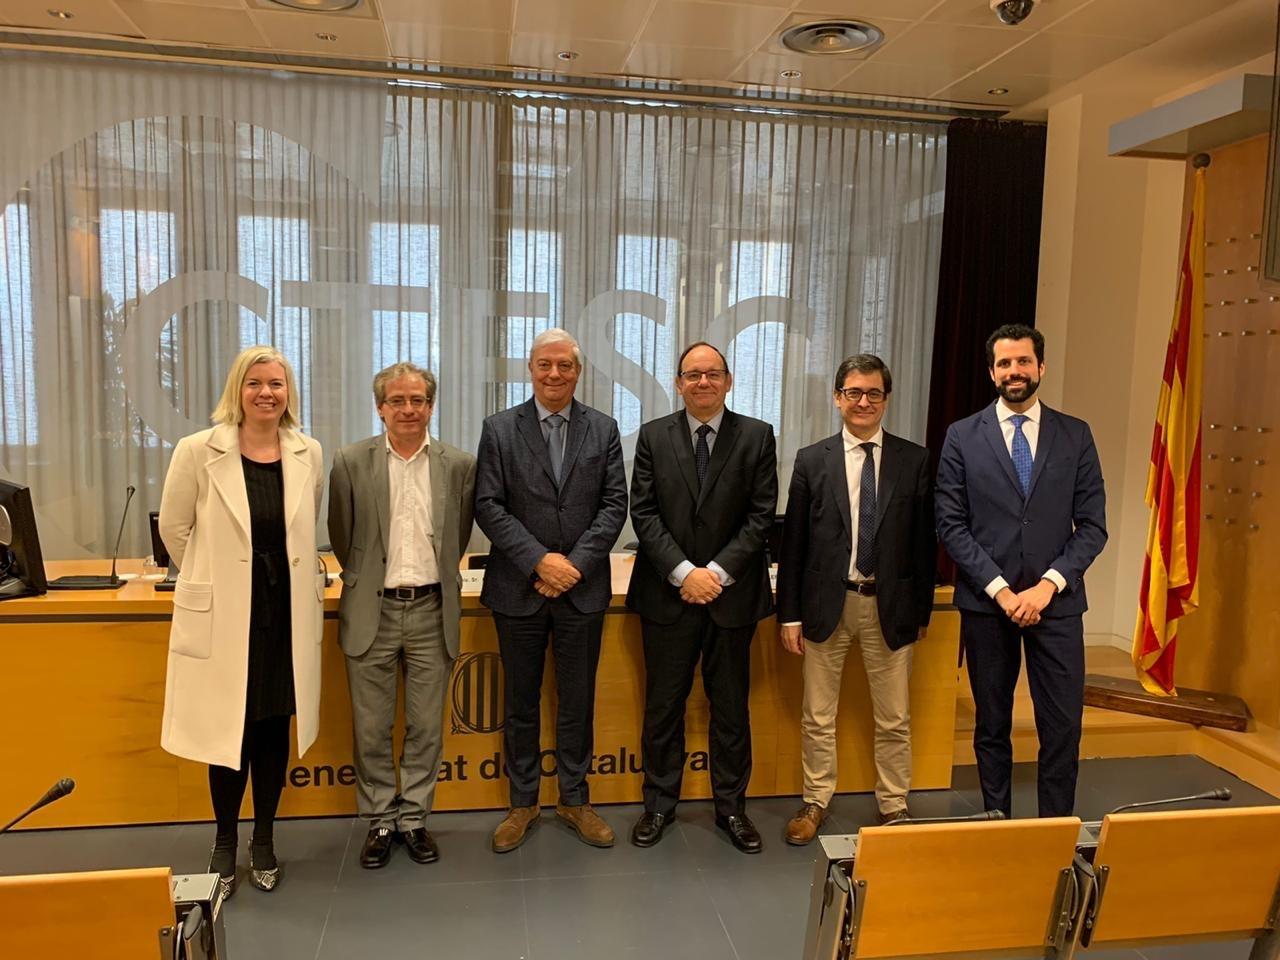 La CEA coneix de primera mà l'exemple català per desenvolupar la legislació sobre negociació col·lectiva i el Consell Econòmic i Social